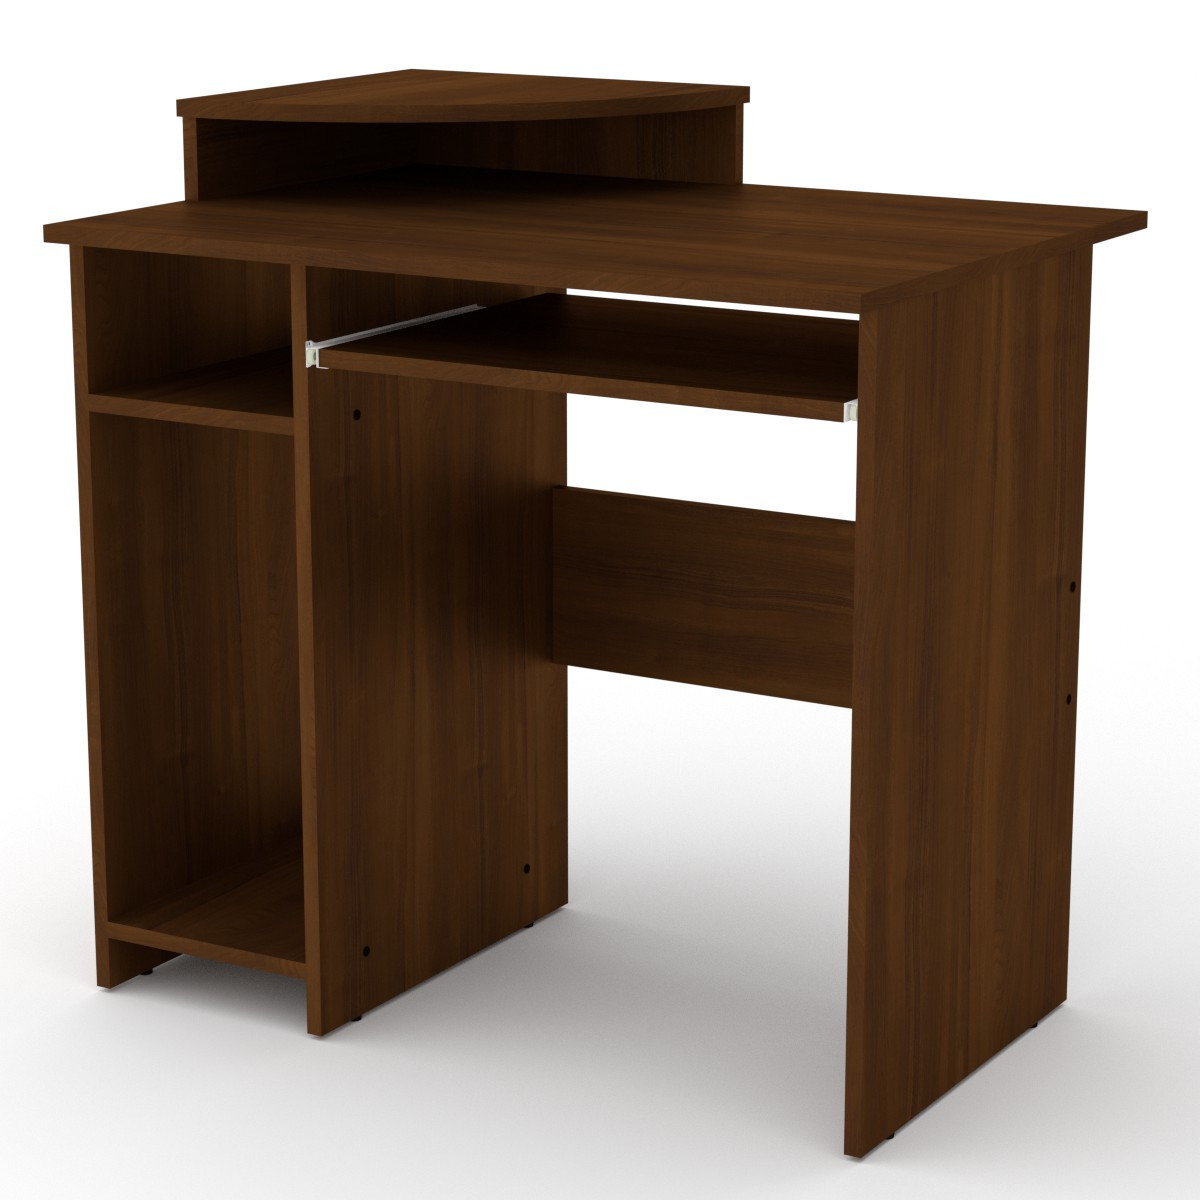 Стол компьютерный СКМ-1 орех экко Компанит